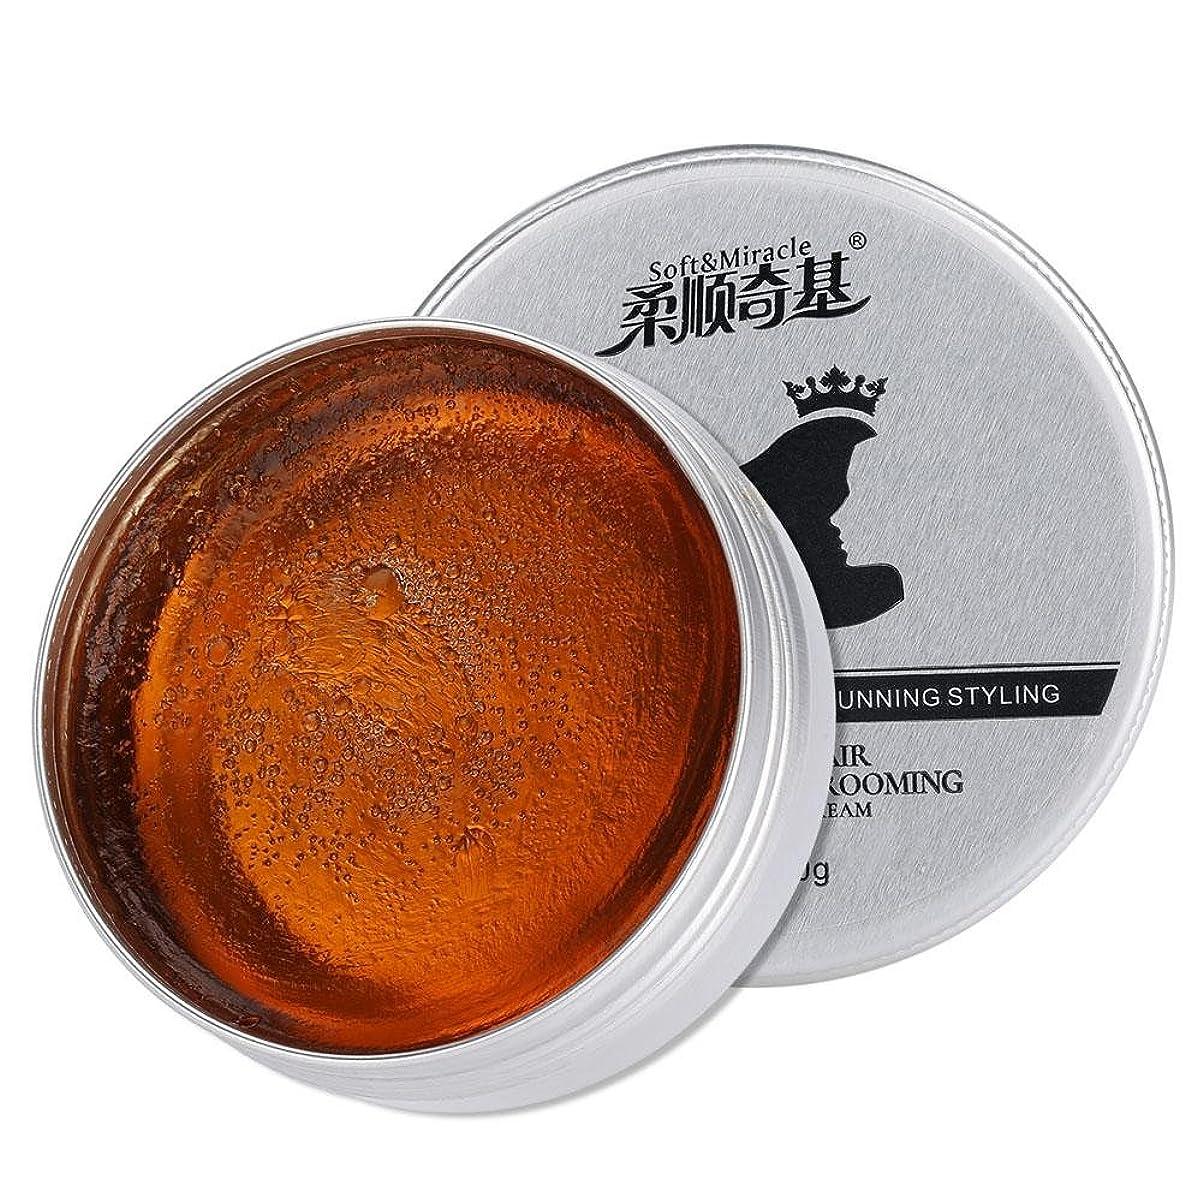 ナチュラルヘアワックス、水性ヘアスタイリングポマードヘアモデリングワックス30ml